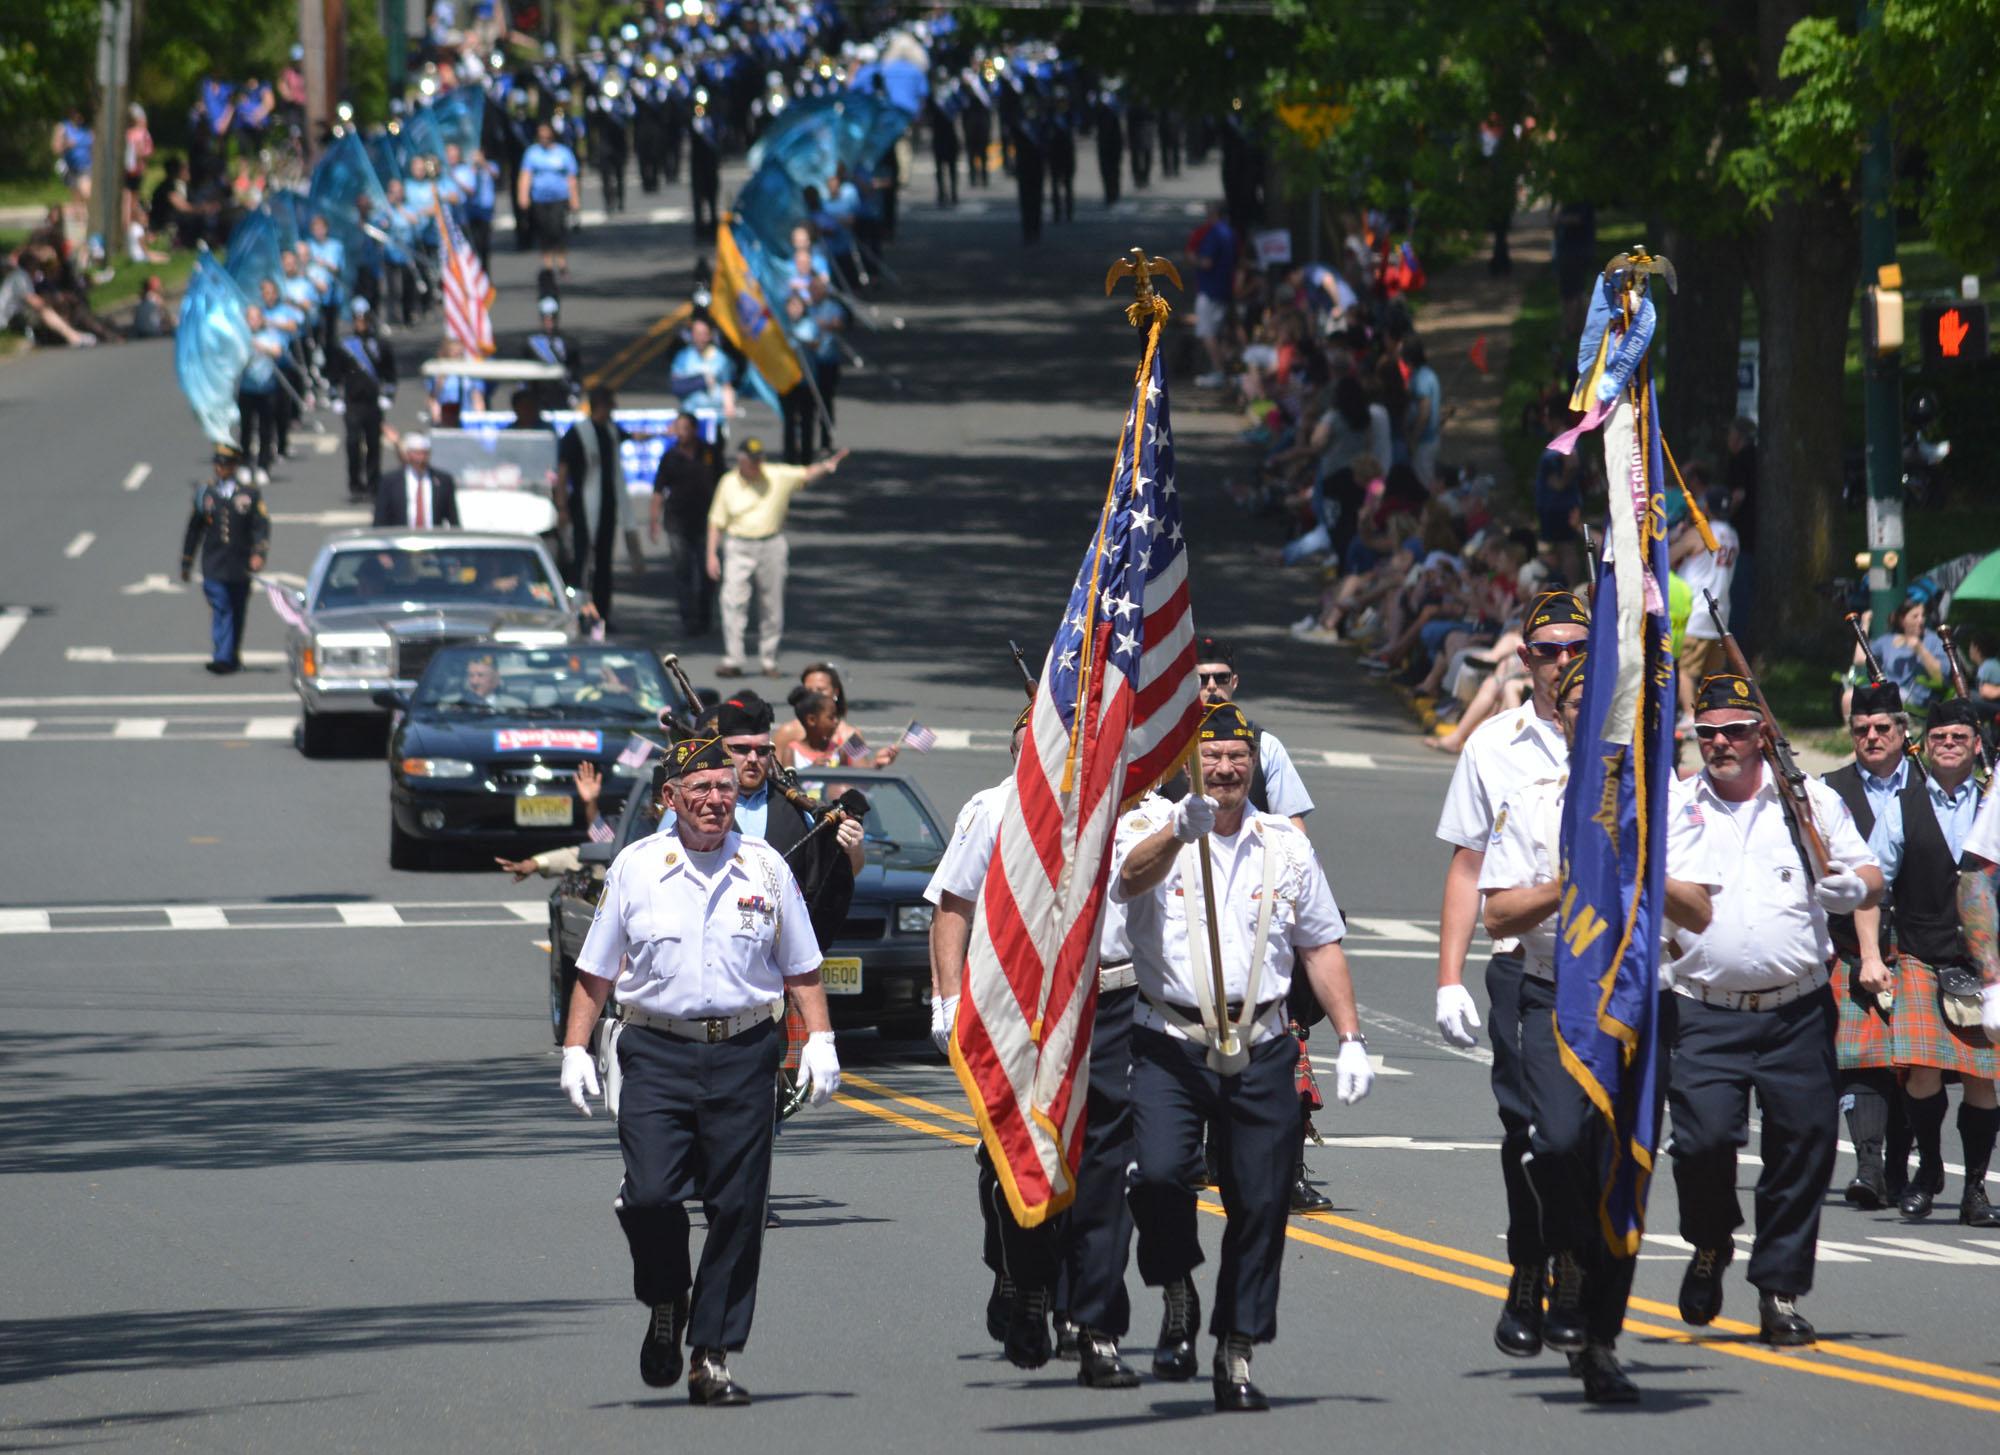 98b0a40c7f2562686a8c_Memorial_Day_Parade_-_Horton_photo.jpg